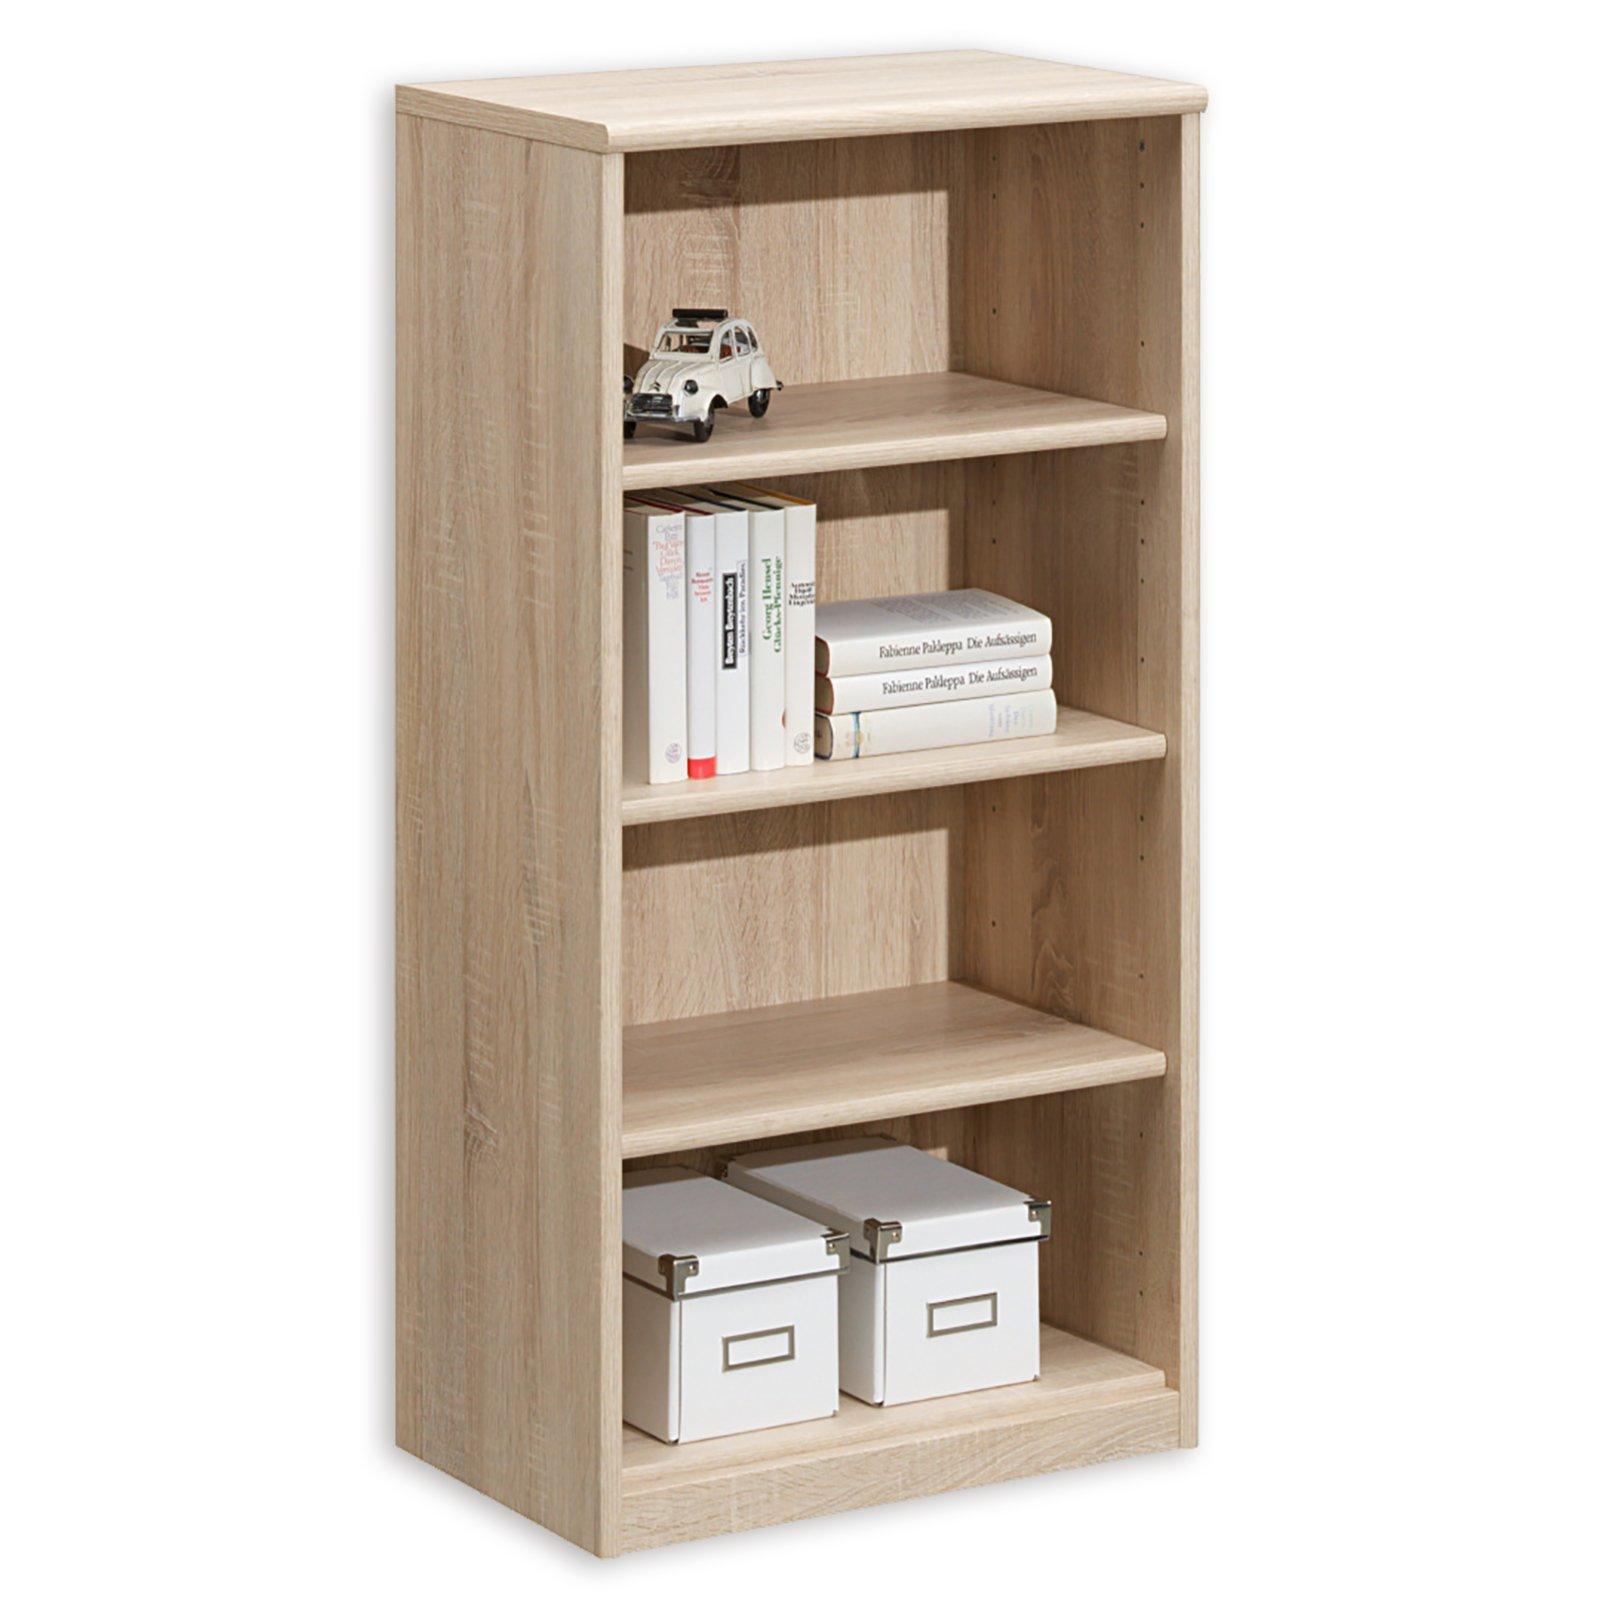 regal soft 051 41 eiche 55 cm breit wohnprogramm. Black Bedroom Furniture Sets. Home Design Ideas